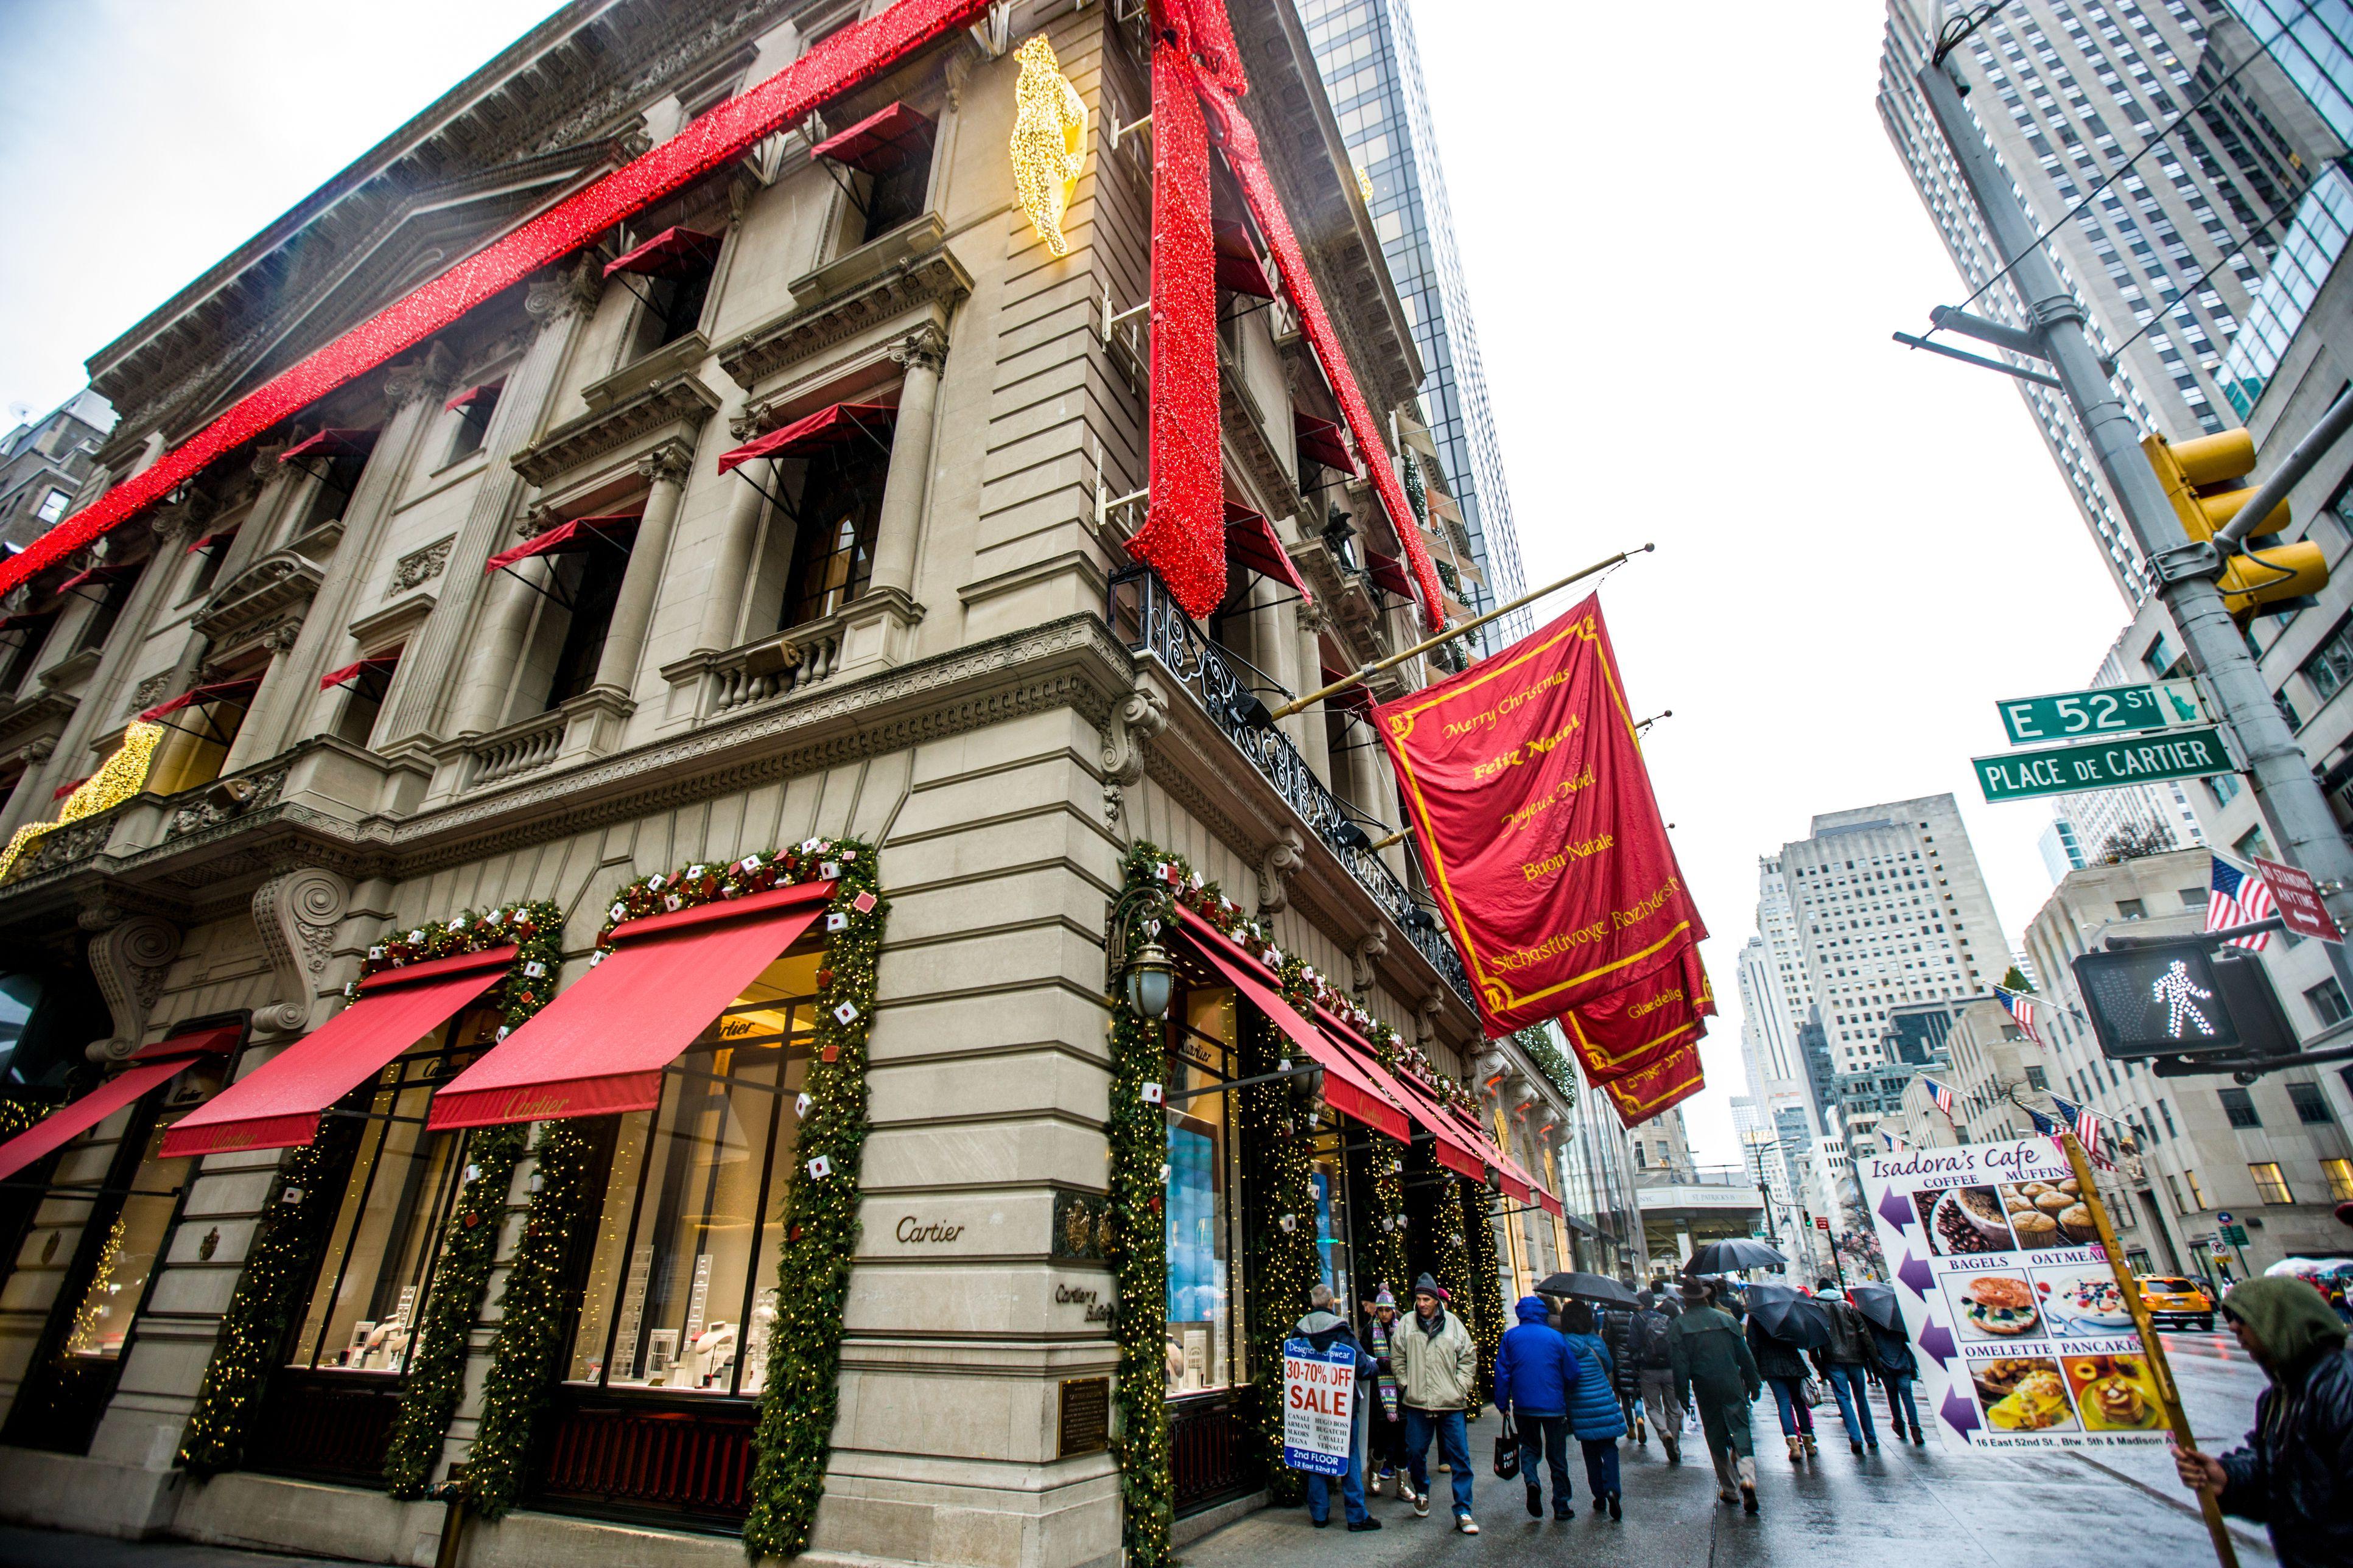 Tienda Cartier decorada para vacaciones de invierno, Nueva York